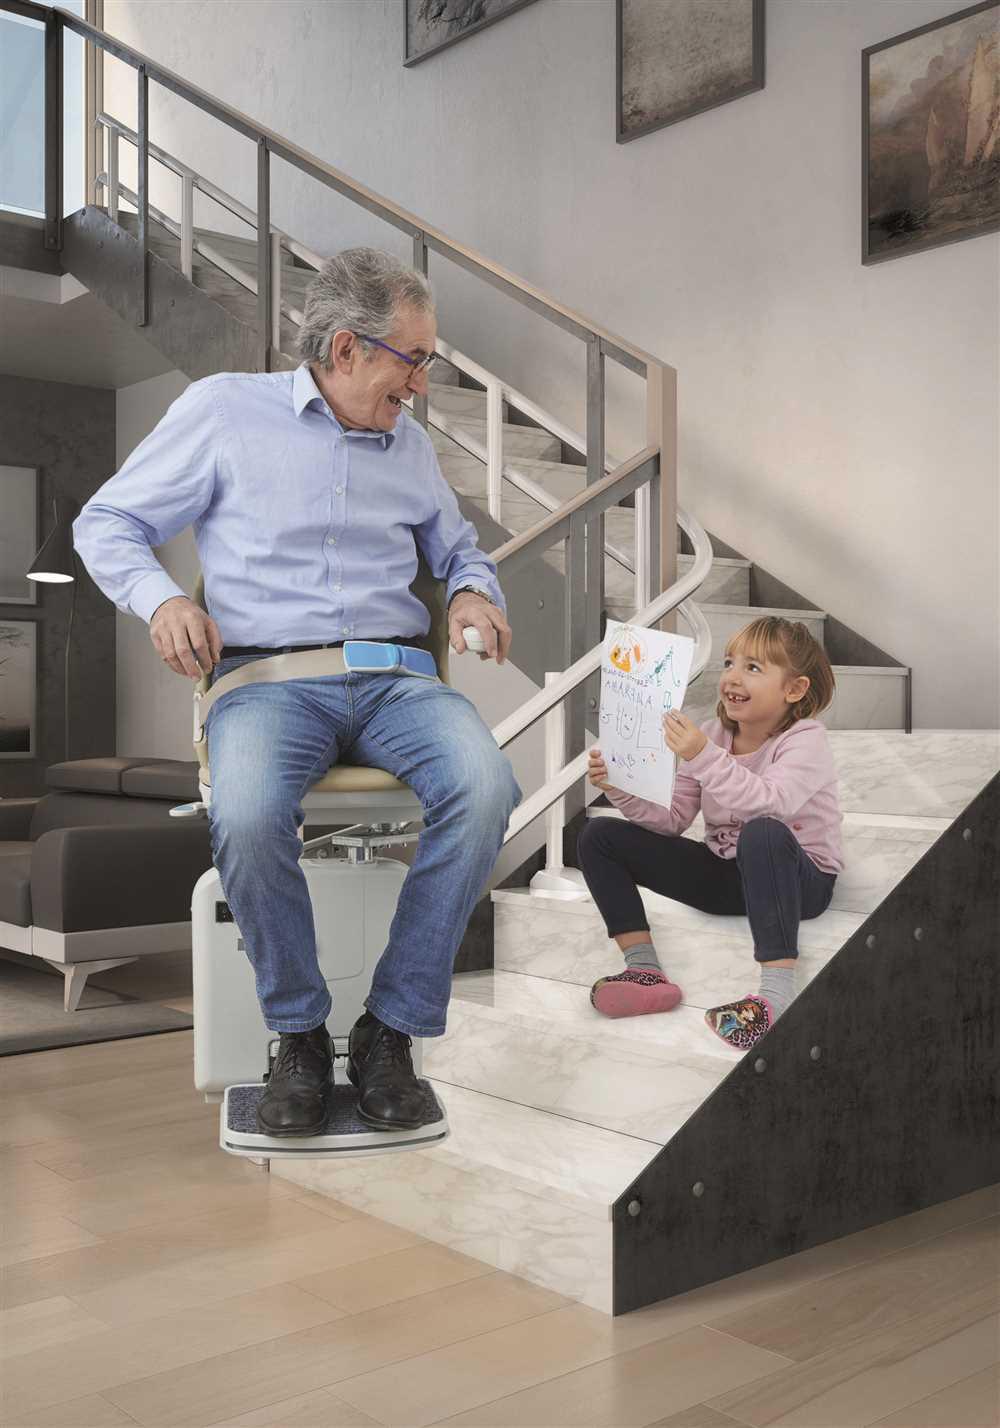 Cómo adaptar tu casa cuando hay problemas de movilidad